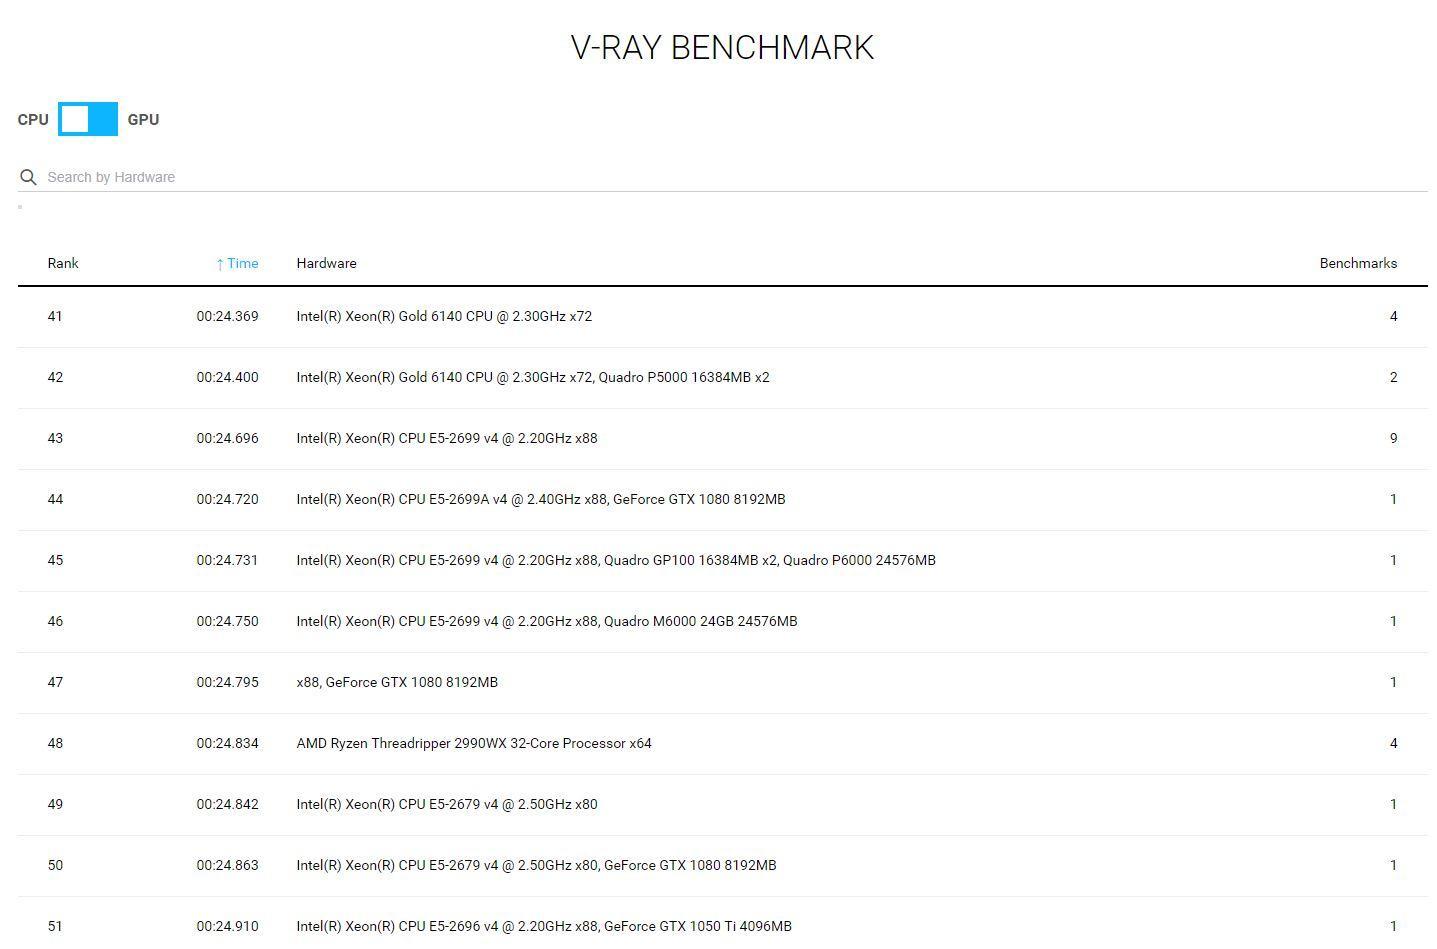 2033340318_AMDT2-VrayBenchmark.JPG.19d63ea5d42c7202834a48aec2f5242a.JPG